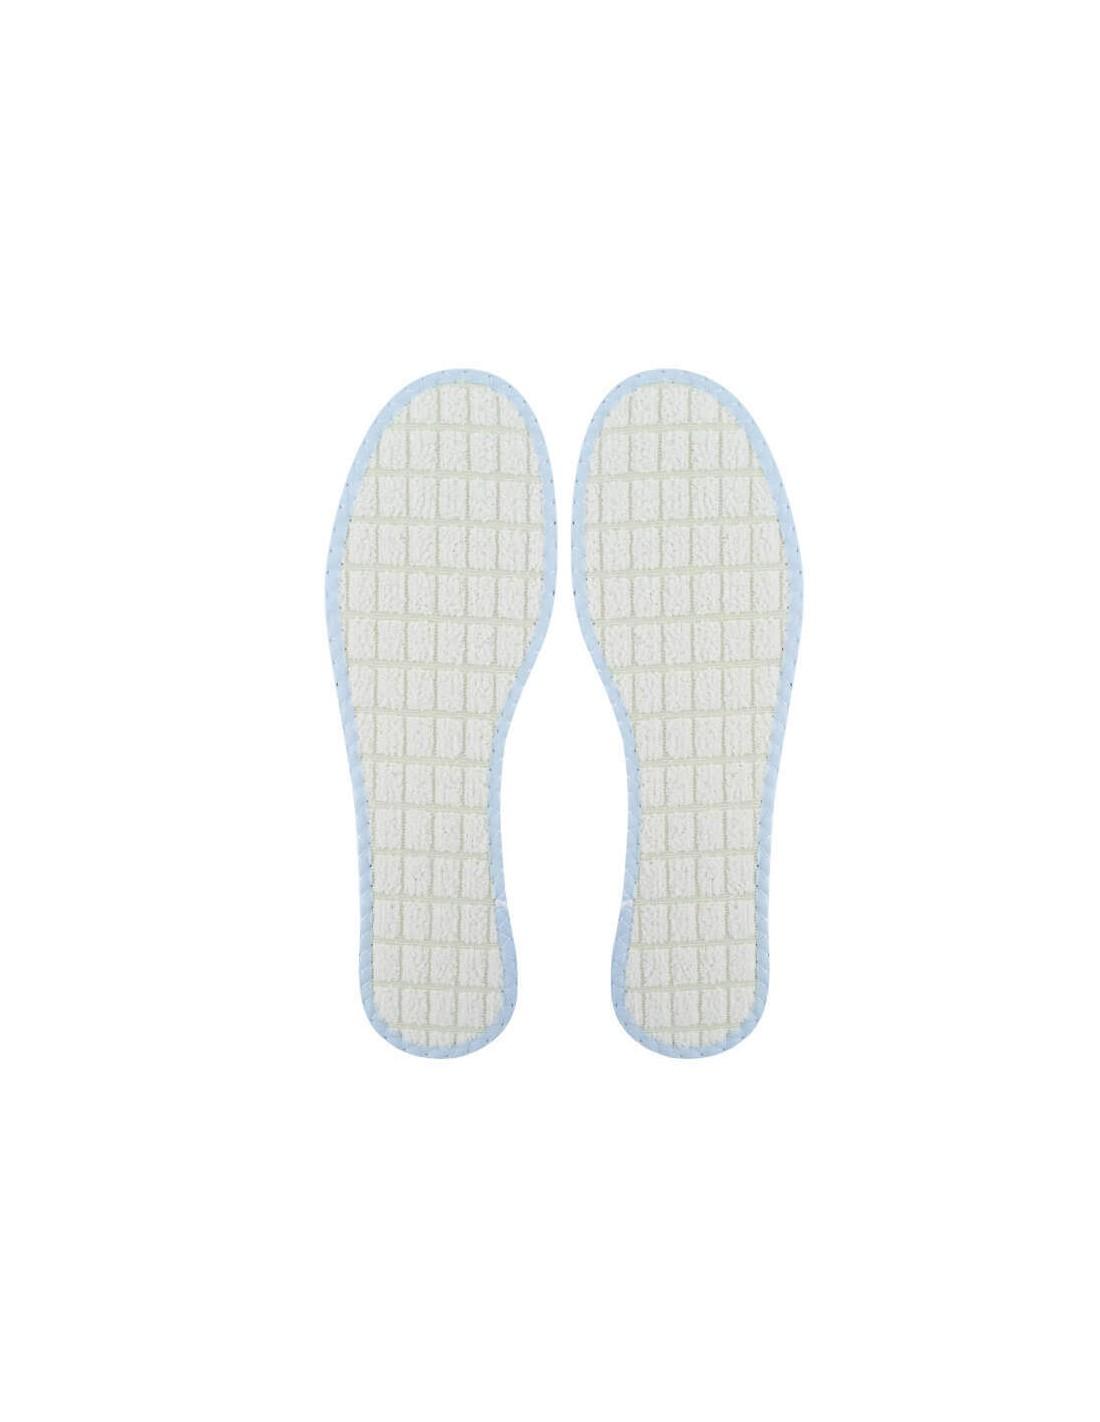 Nwx80opk En Alumbre Anti Zapato Plantillas Látex Potasio Y olor uXZikTOlwP